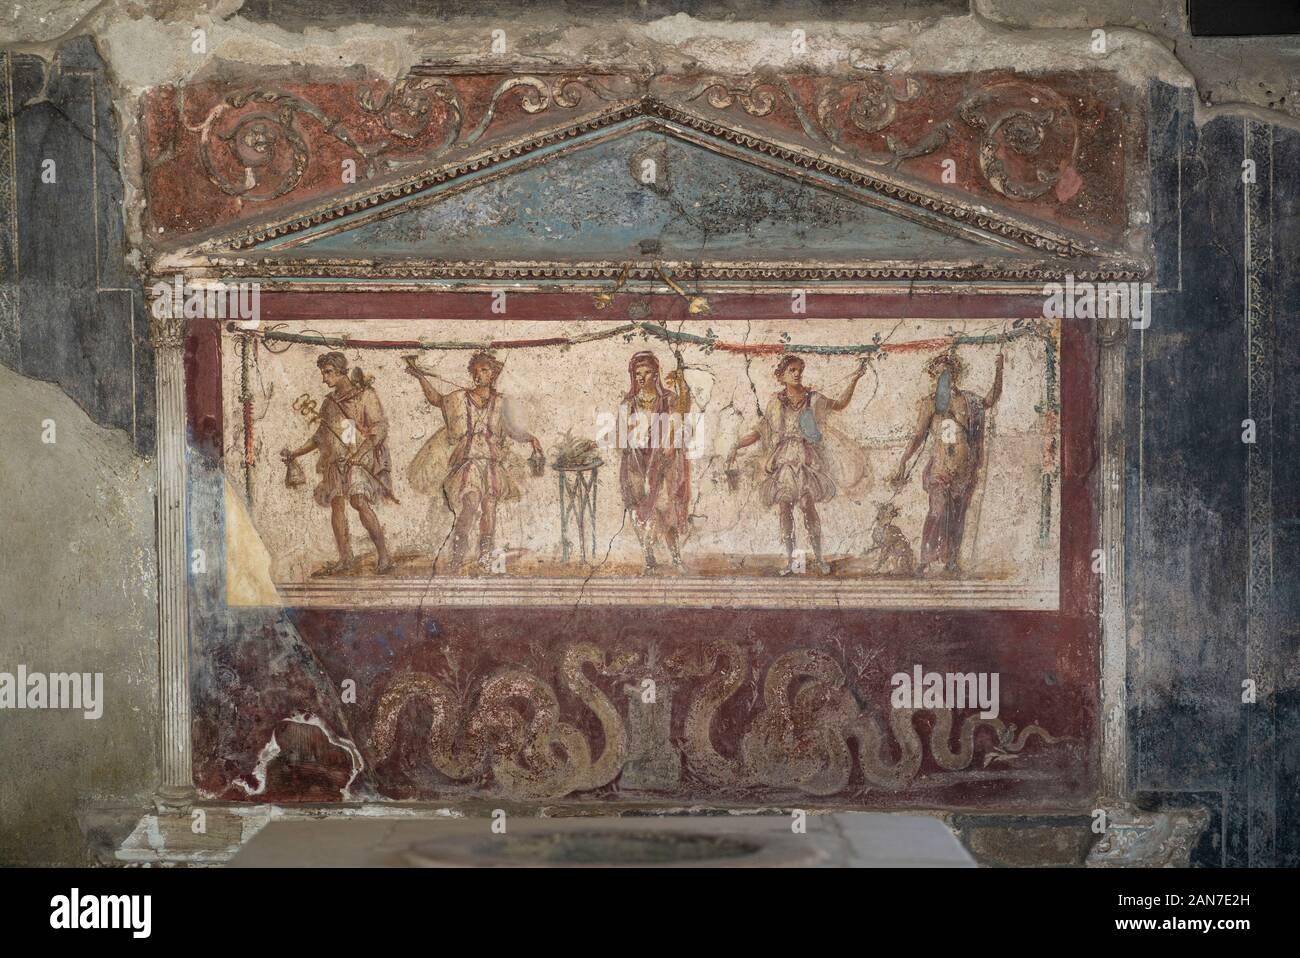 Pompei. Italien. Archäologische Stätte von Pompeji. Haus und der Thermopolium Vetutius Placidus auf der Via dell'Abbondanza (Casa e Thermopolium di Vetutius Pla Stockfoto